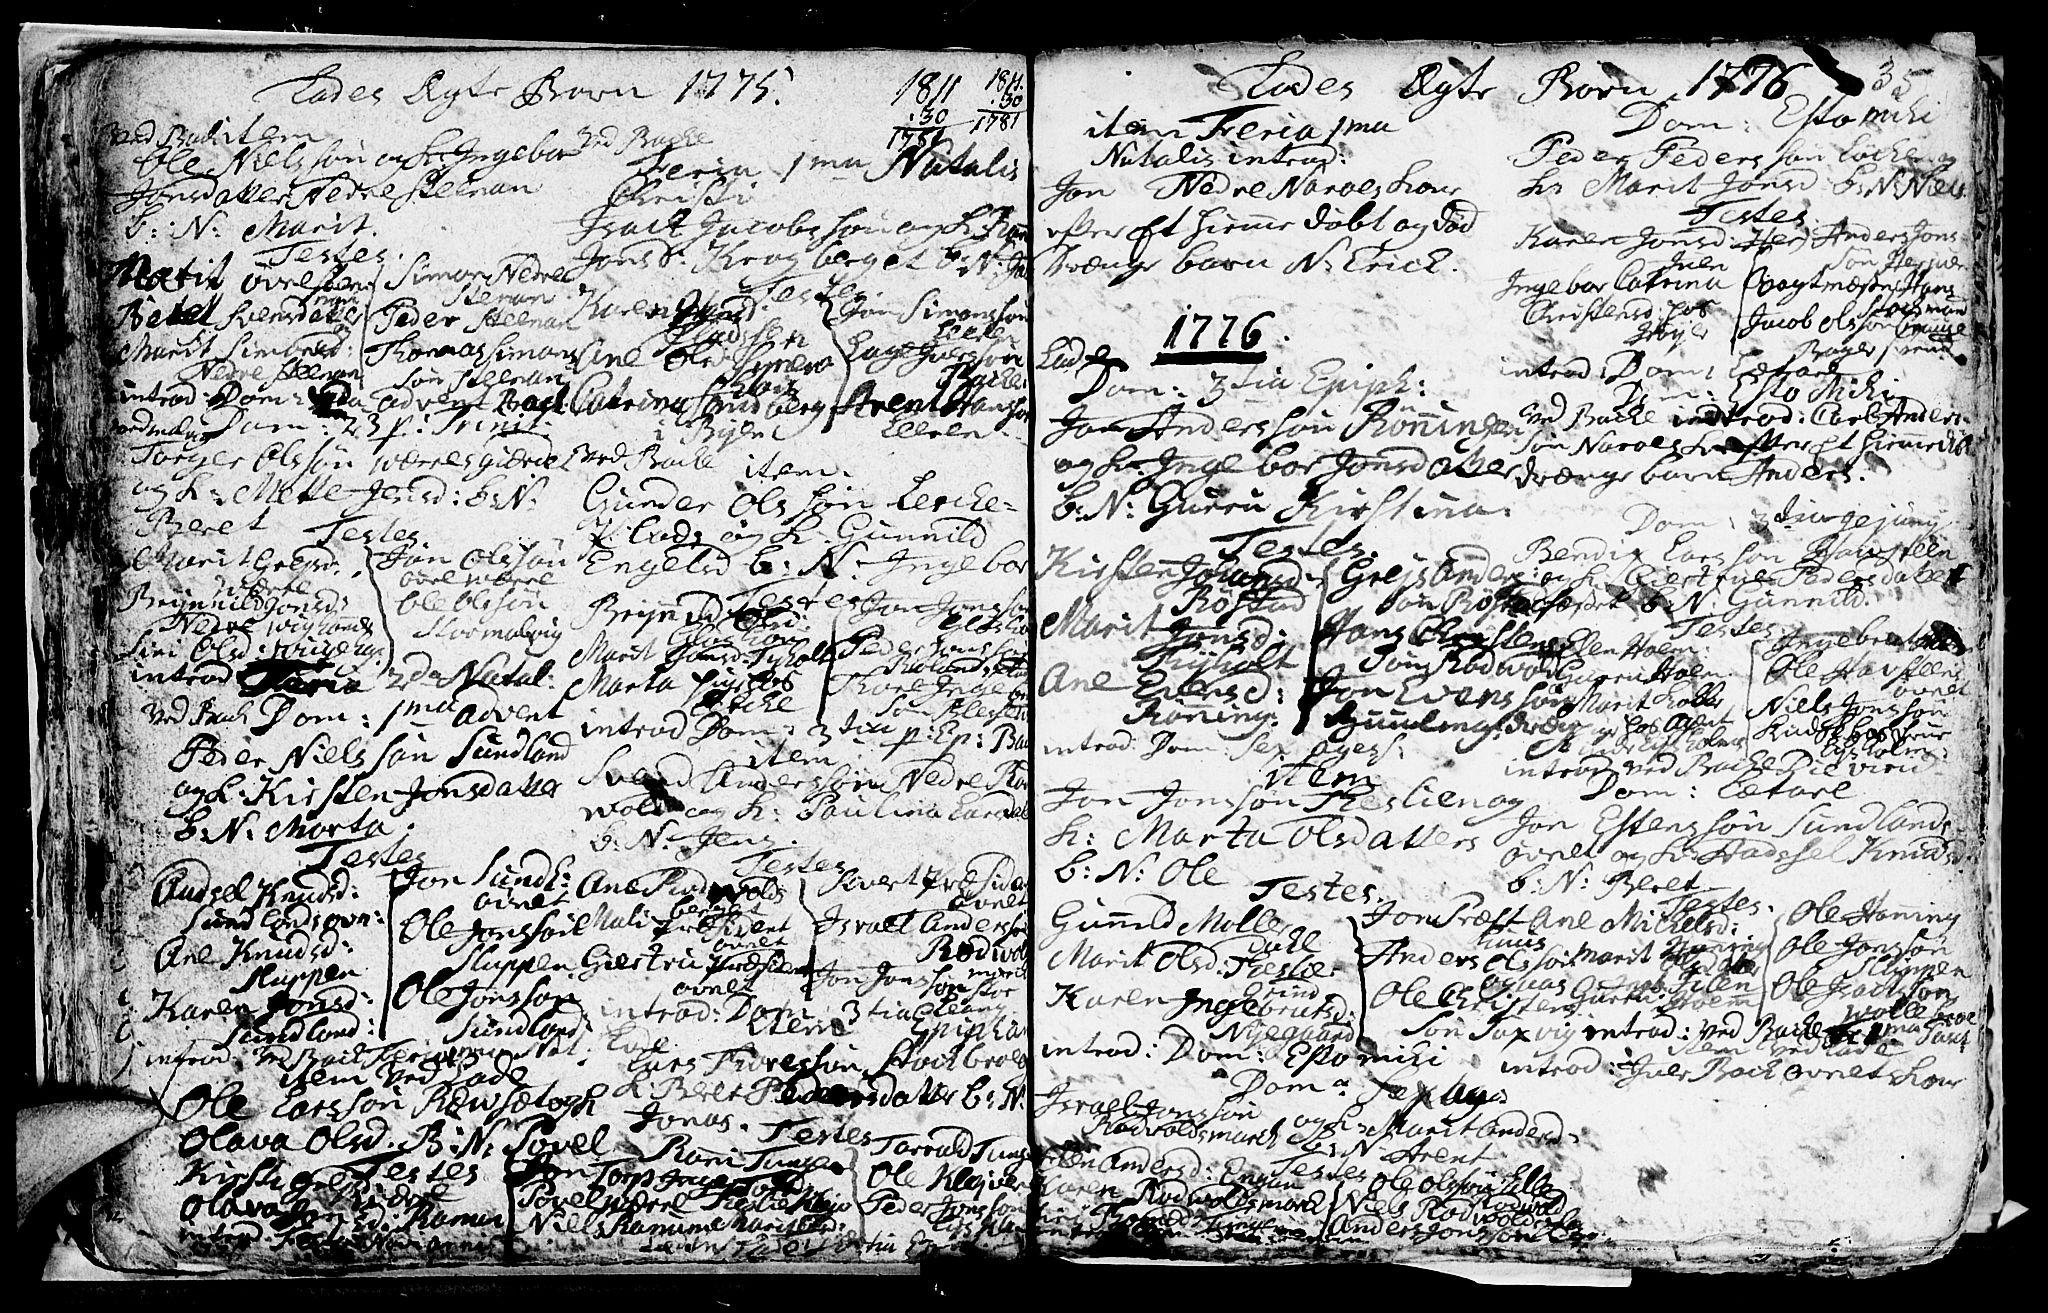 SAT, Ministerialprotokoller, klokkerbøker og fødselsregistre - Sør-Trøndelag, 606/L0305: Klokkerbok nr. 606C01, 1757-1819, s. 35